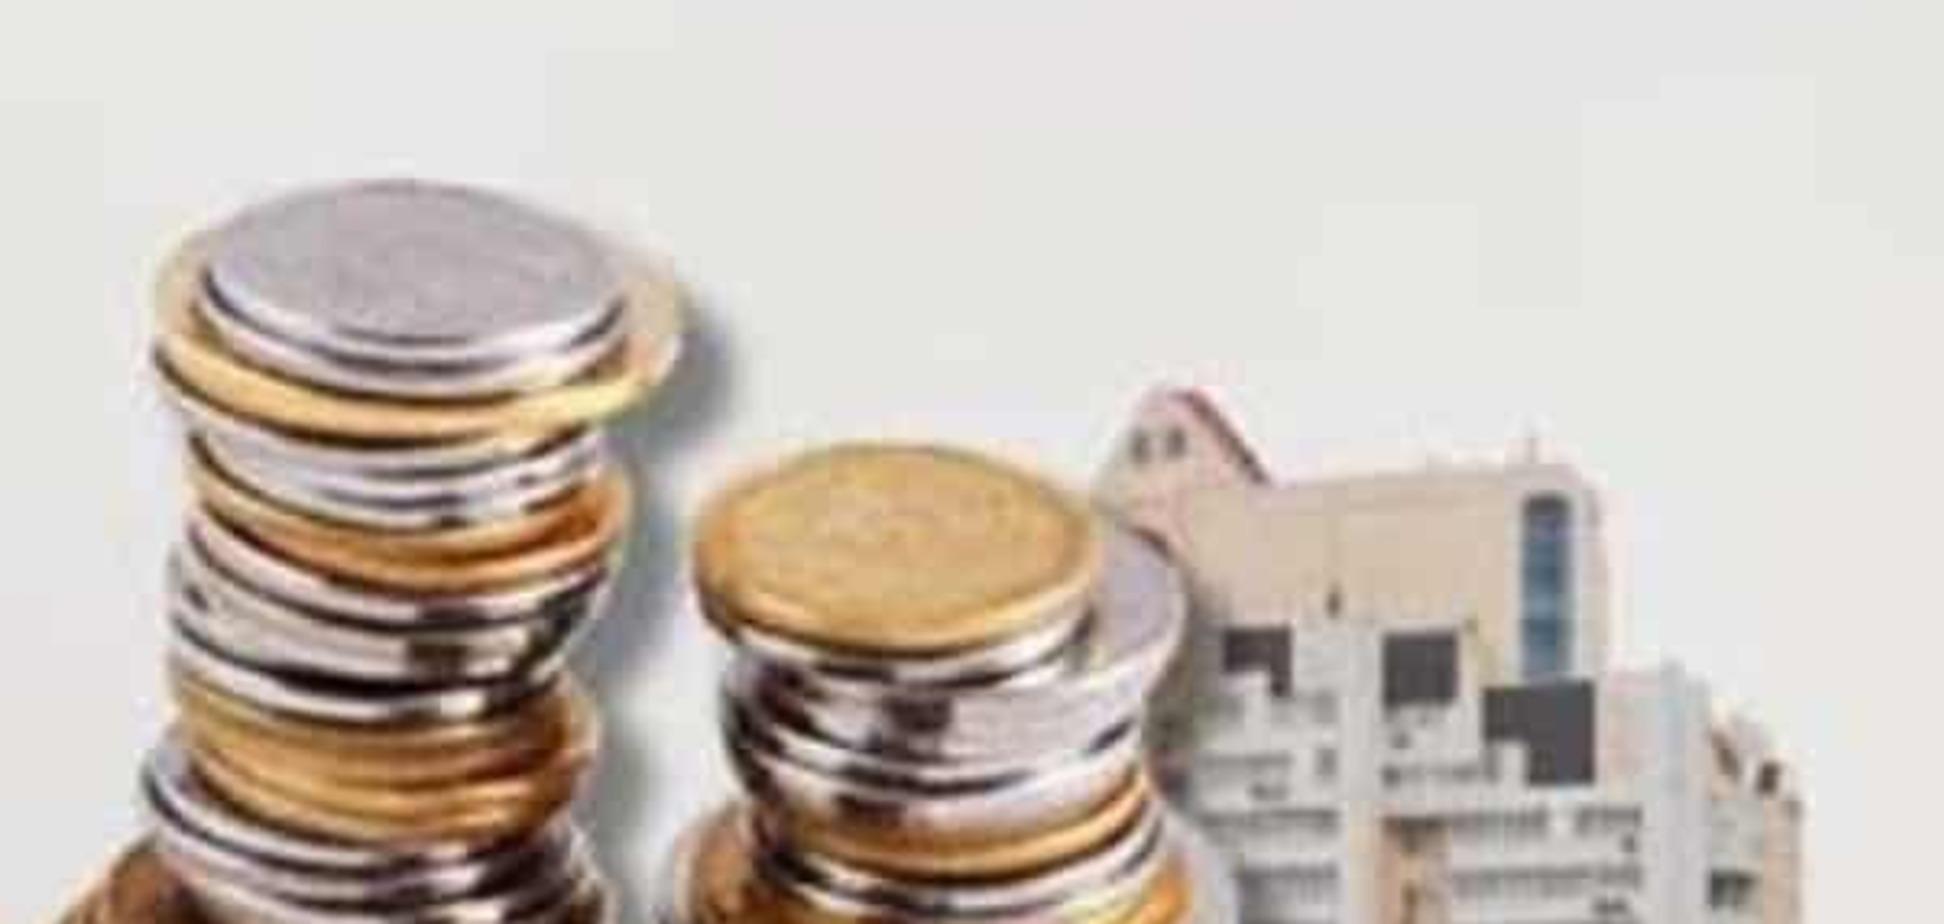 Місцева влада в Україні може скасувати податок на нерухомість